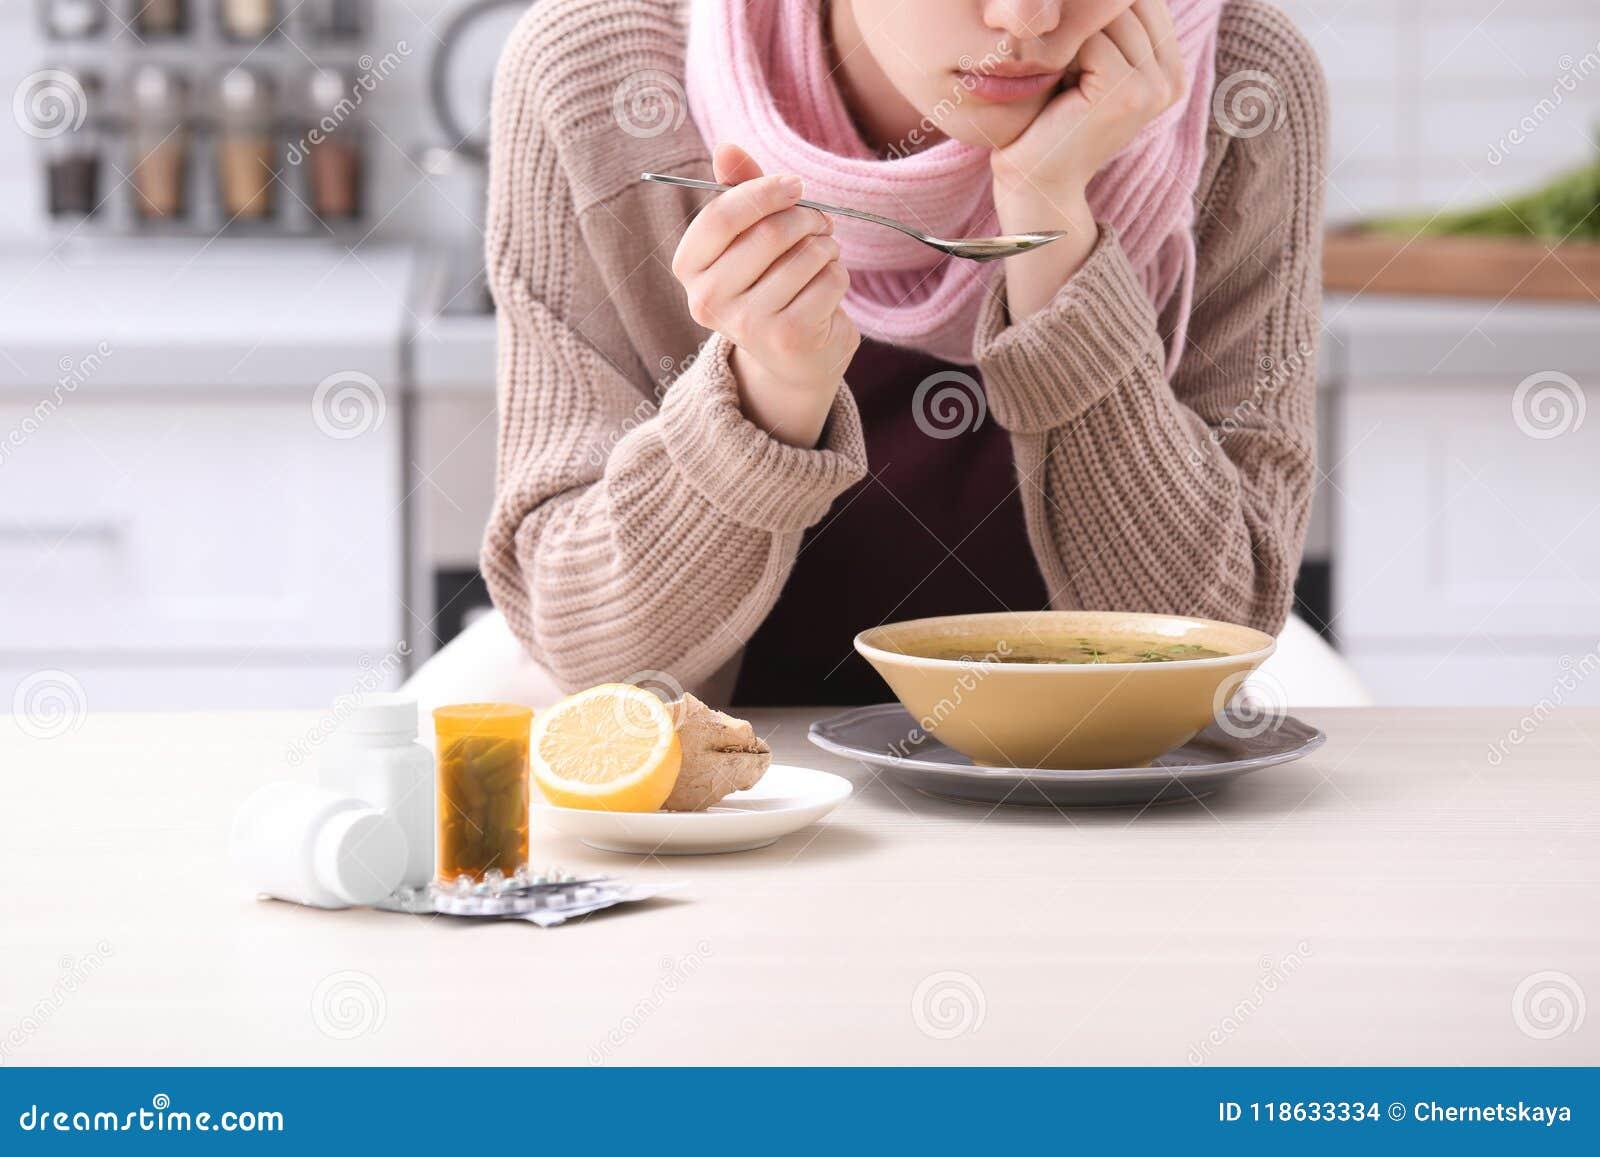 Kranke junge Frau, die Suppe isst, um Kälte bei Tisch zu kurieren